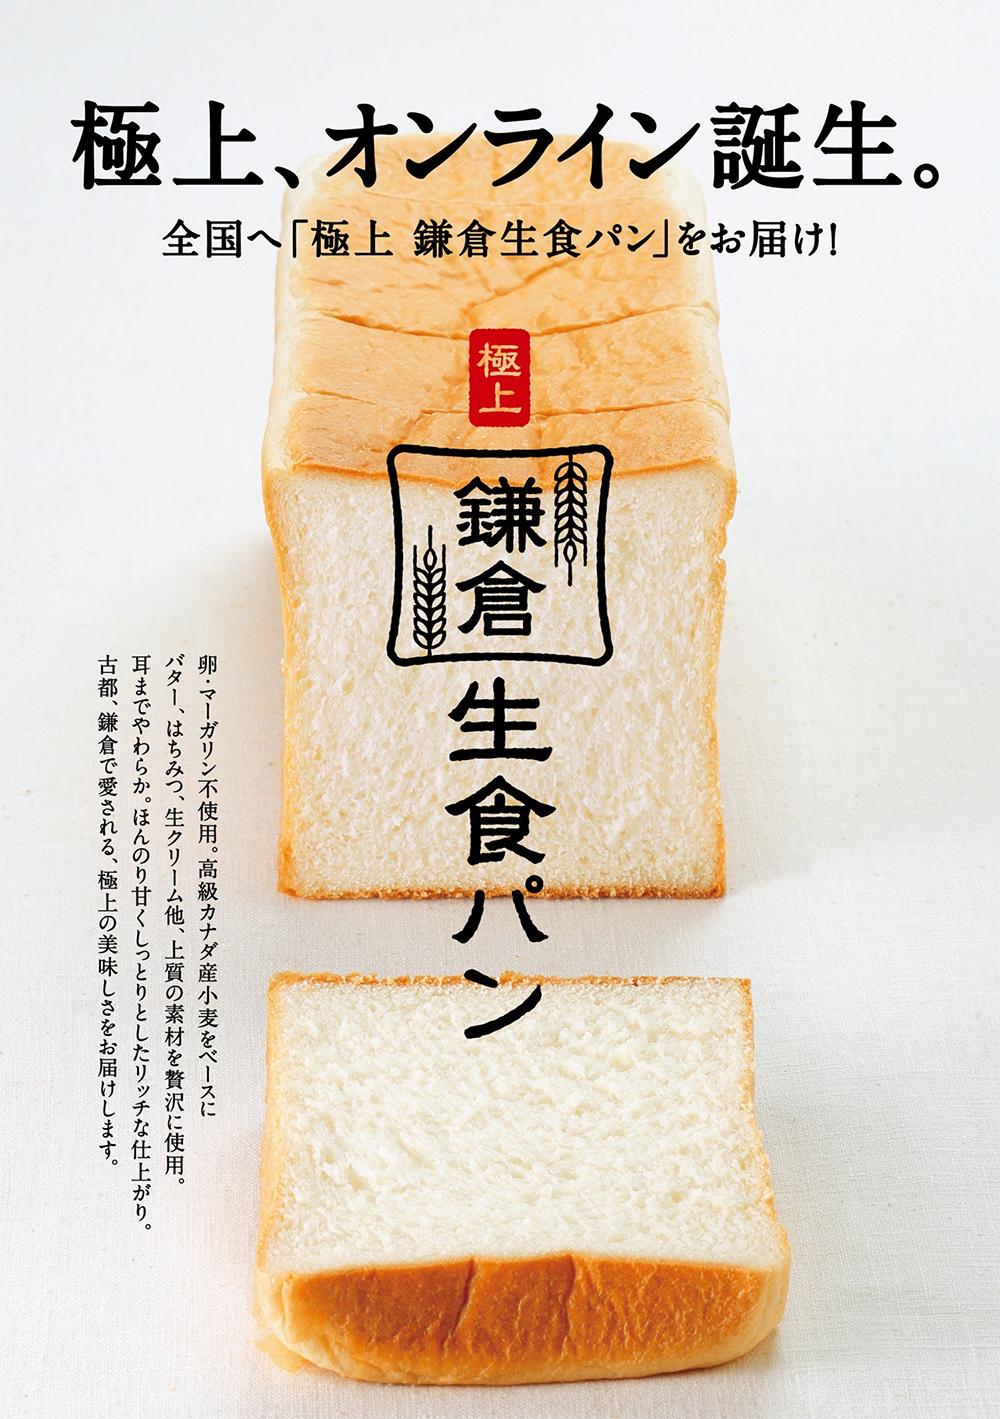 「極上 鎌倉生食パン」オンラインストア開設